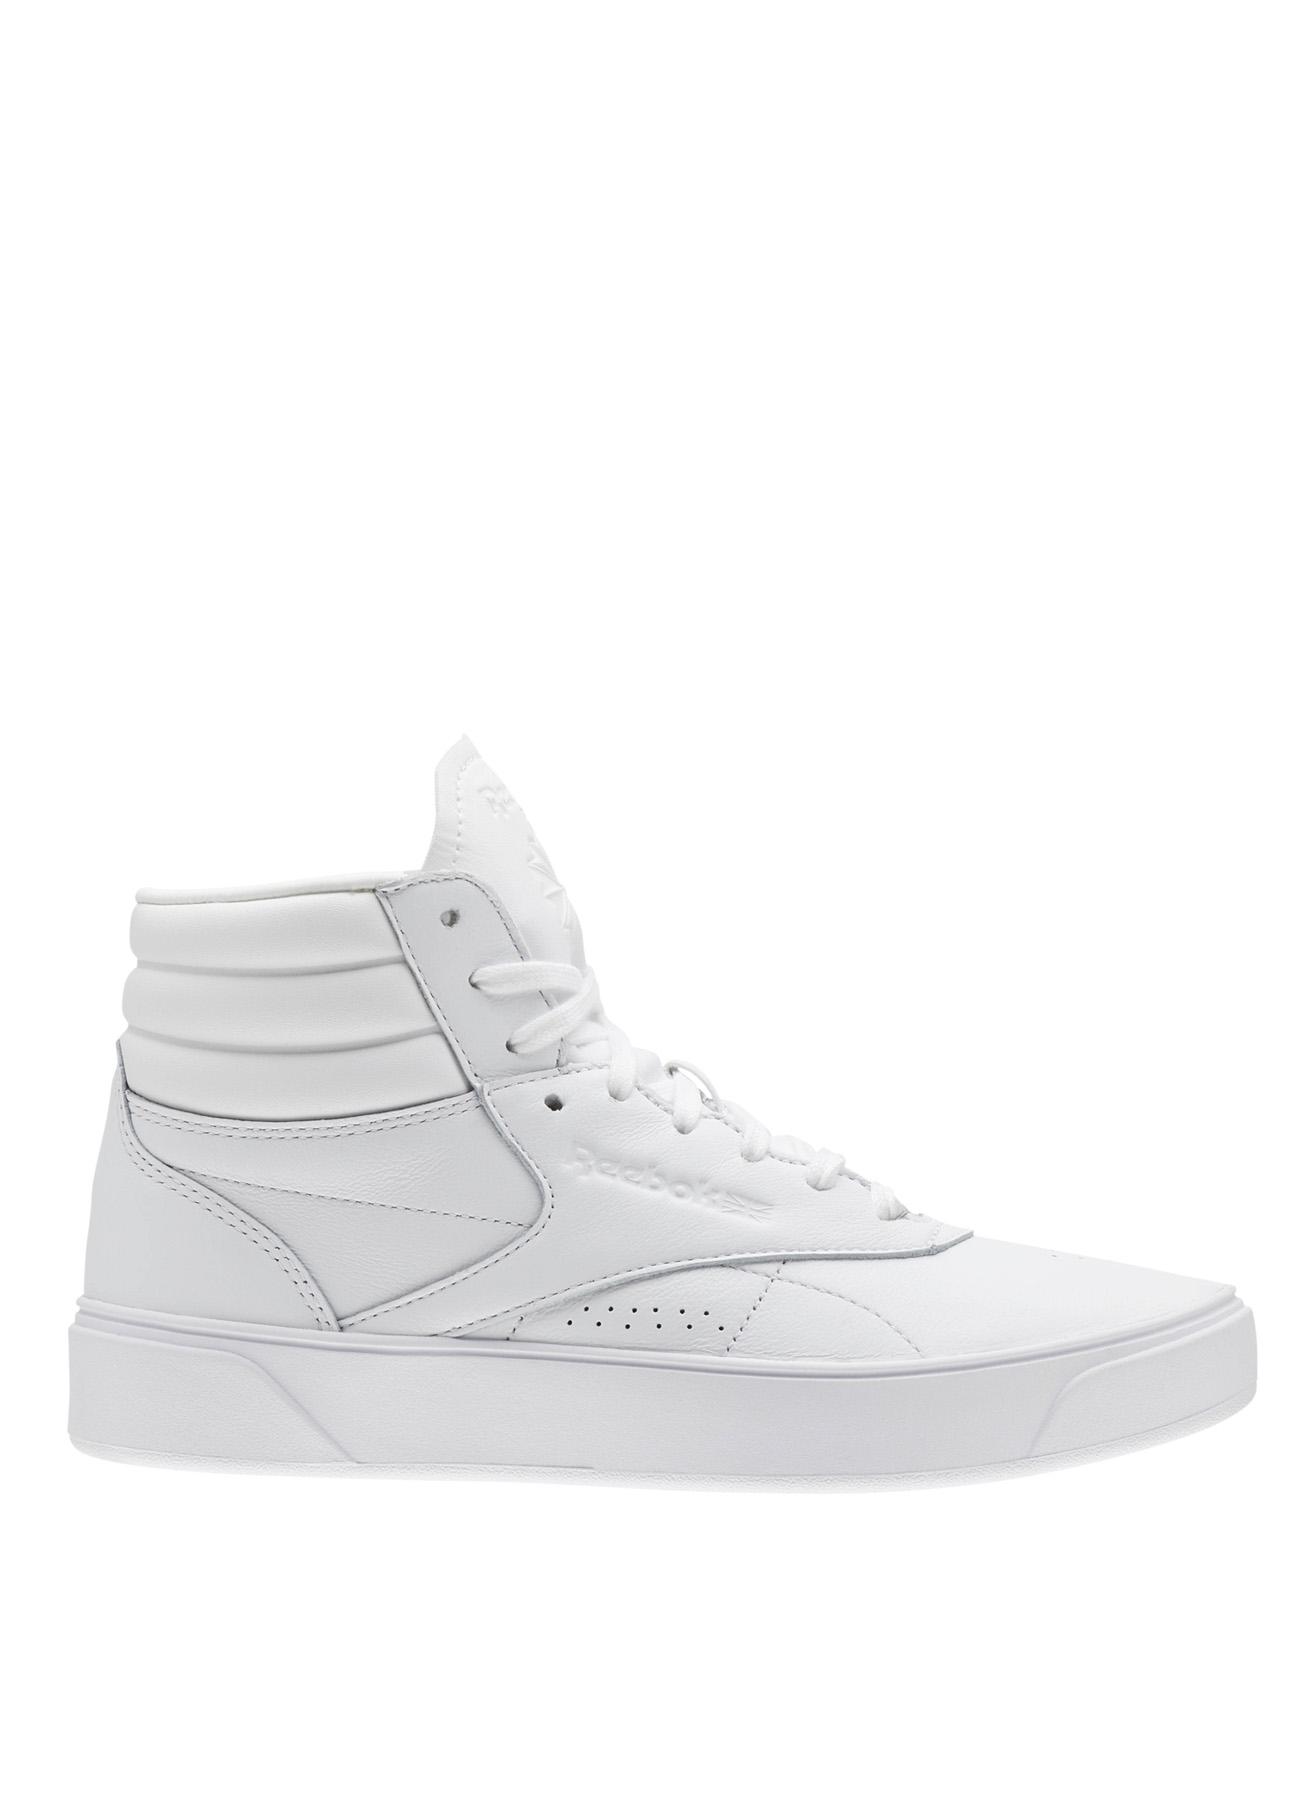 Reebok F/S Hi Nova Lifestyle Ayakkabı 39 5001633276006 Ürün Resmi